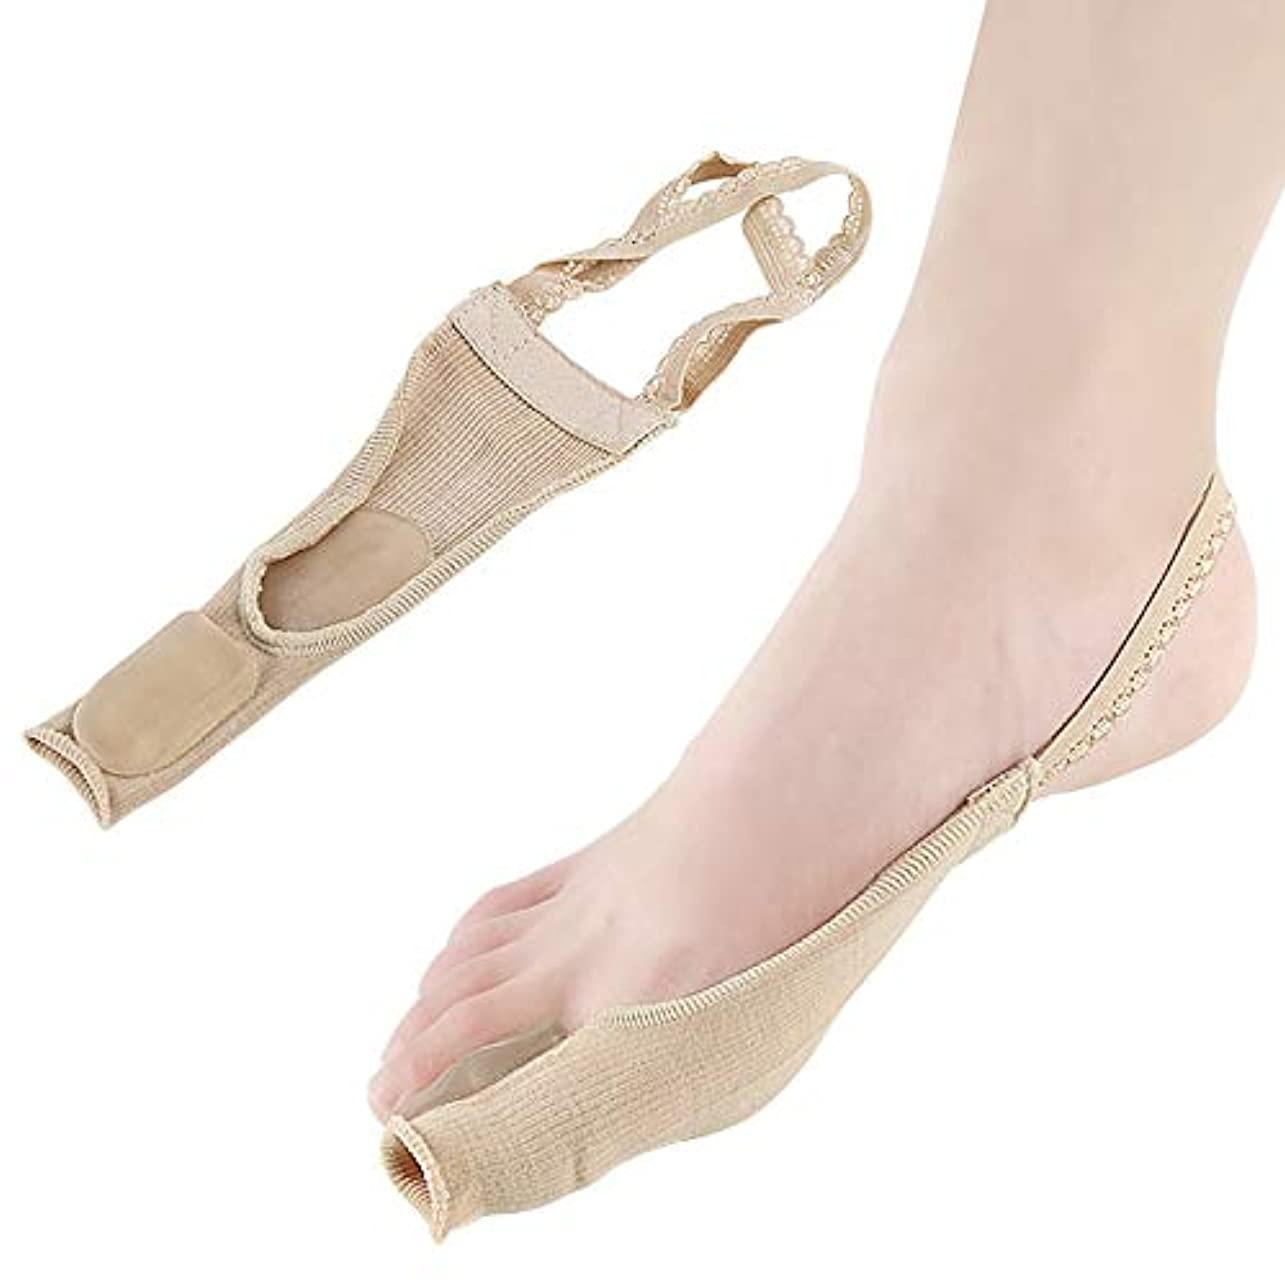 二次間シャトルつま先矯正靴下ワンサイズレース防止つま先外反重複高弾性厚み減衰吸収汗通気性ナイロンSEBS,2Pairs